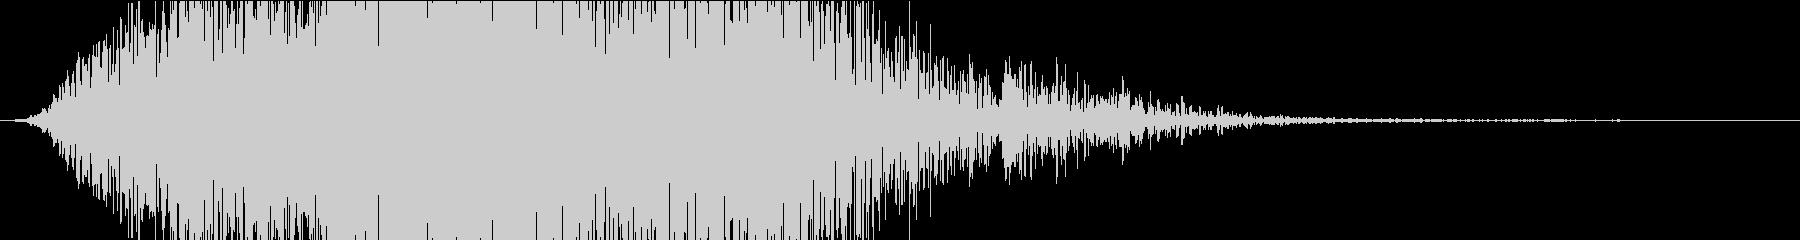 ヘビーメタルクラッシュの未再生の波形